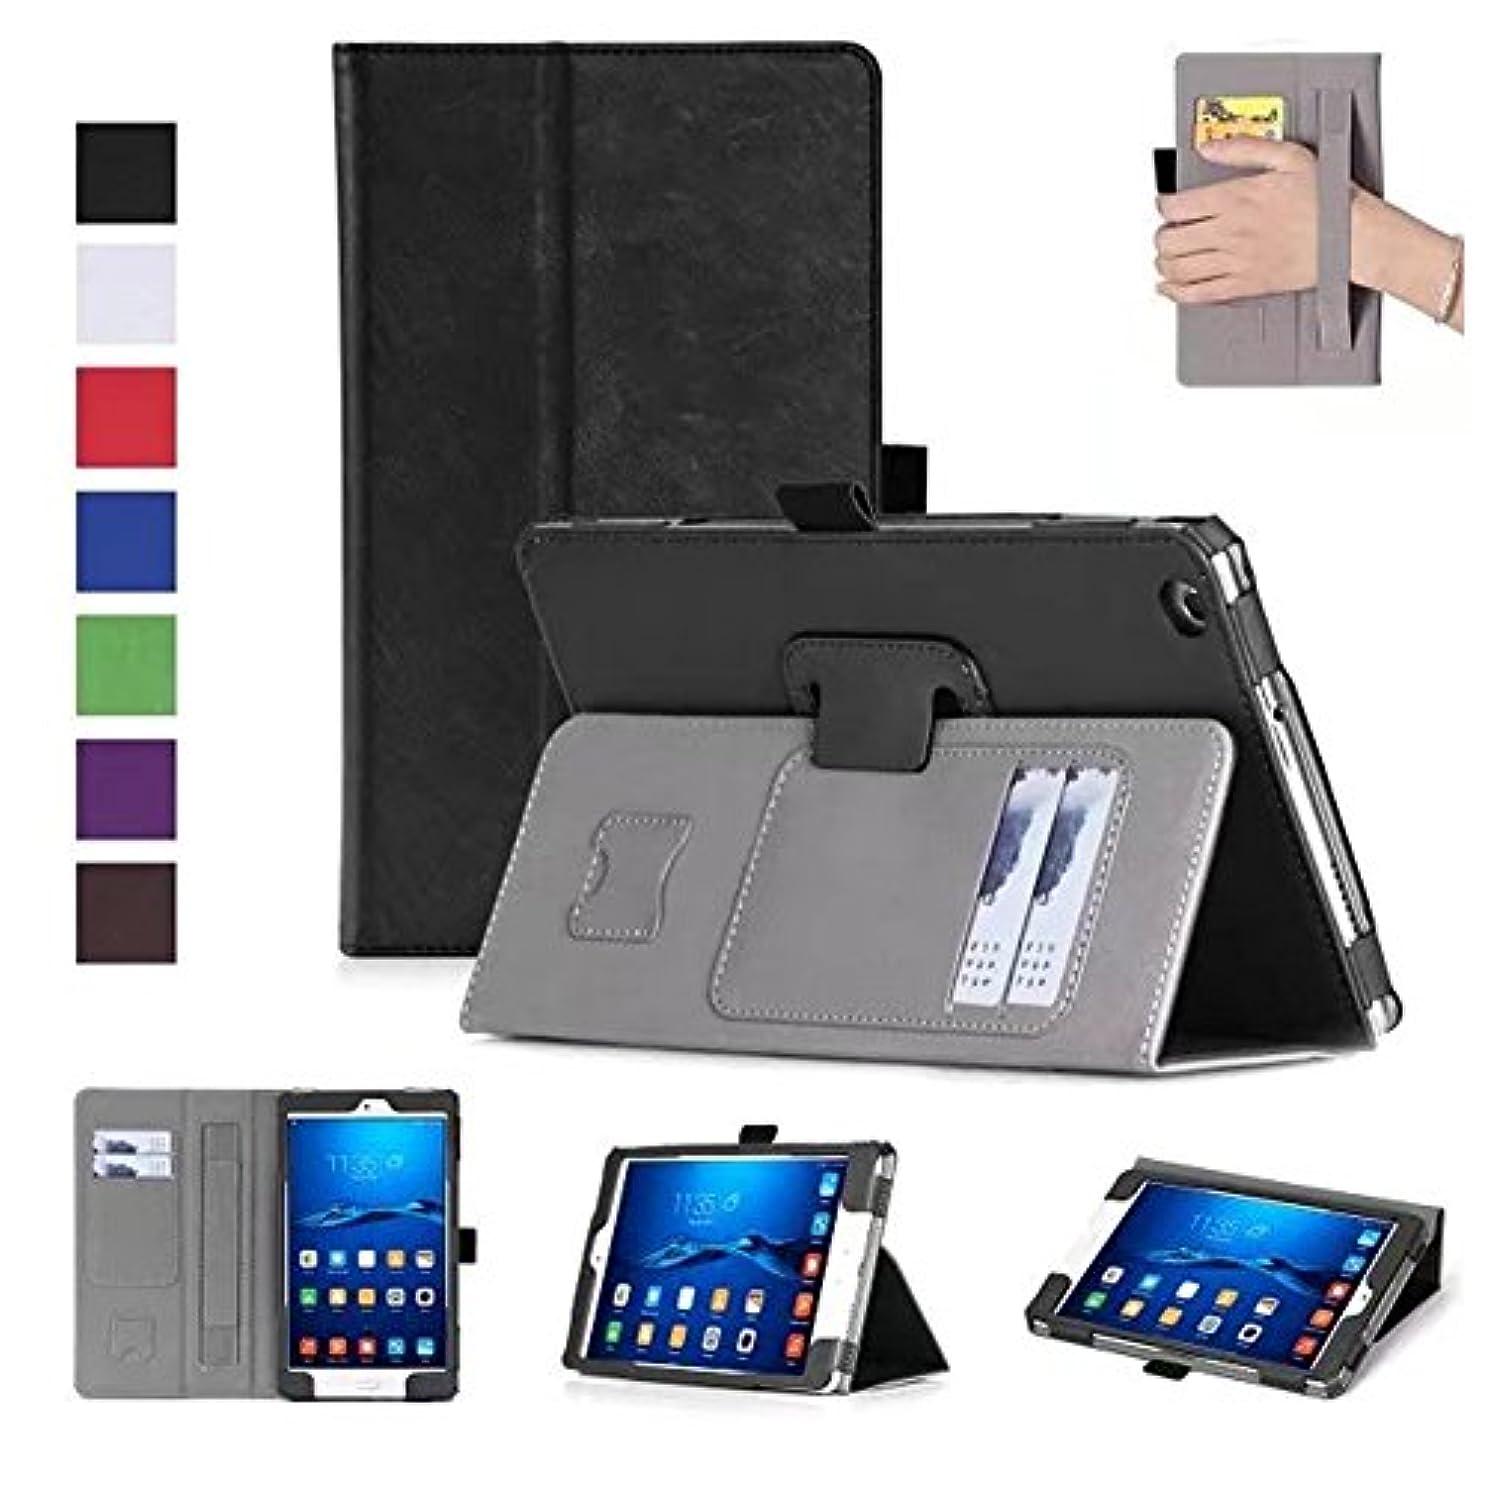 うぬぼれた著名なドラゴンMaxku MediaPad M3 Lite s ケース高級PUレザーケース カバー 手帳型 軽量 全面保護型 スタンド機能付き メディアパッド エムスリー ライト エス スマート カバー (ブラック)